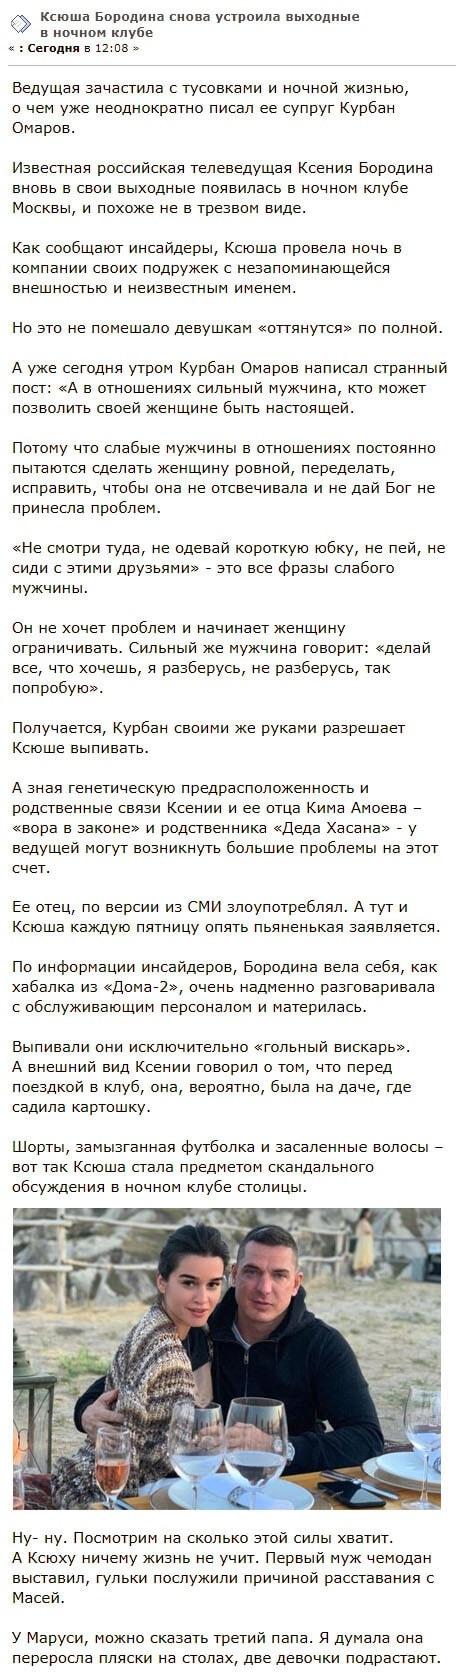 Ксения Бородина опозорилась в одном из ночных клубов столицы